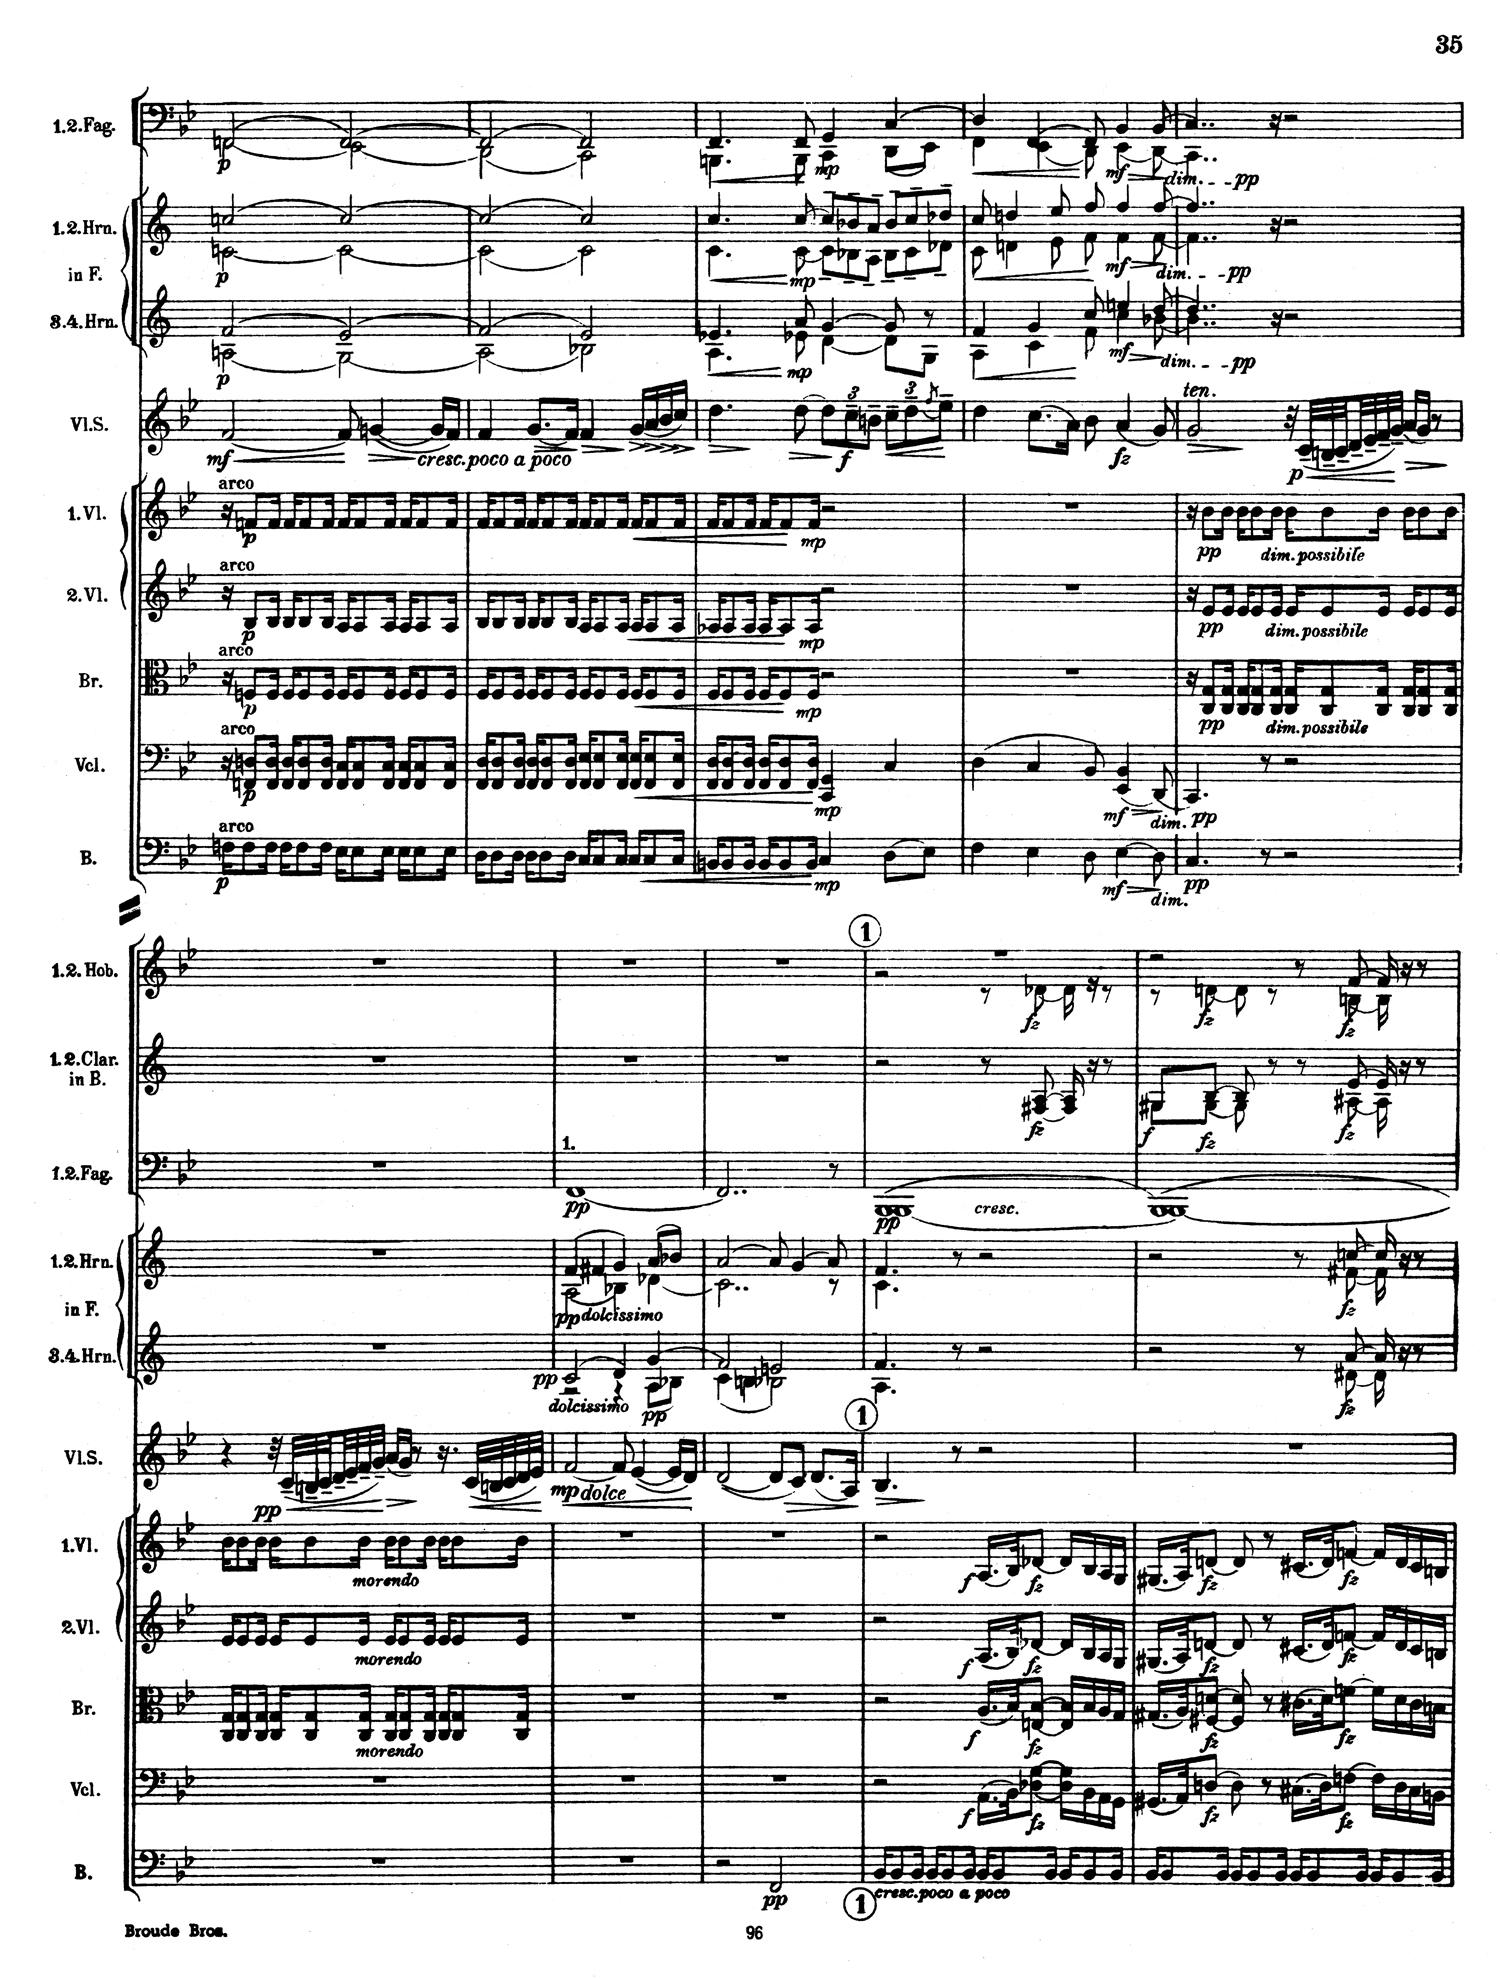 Sibelius Violin Score 2.jpg